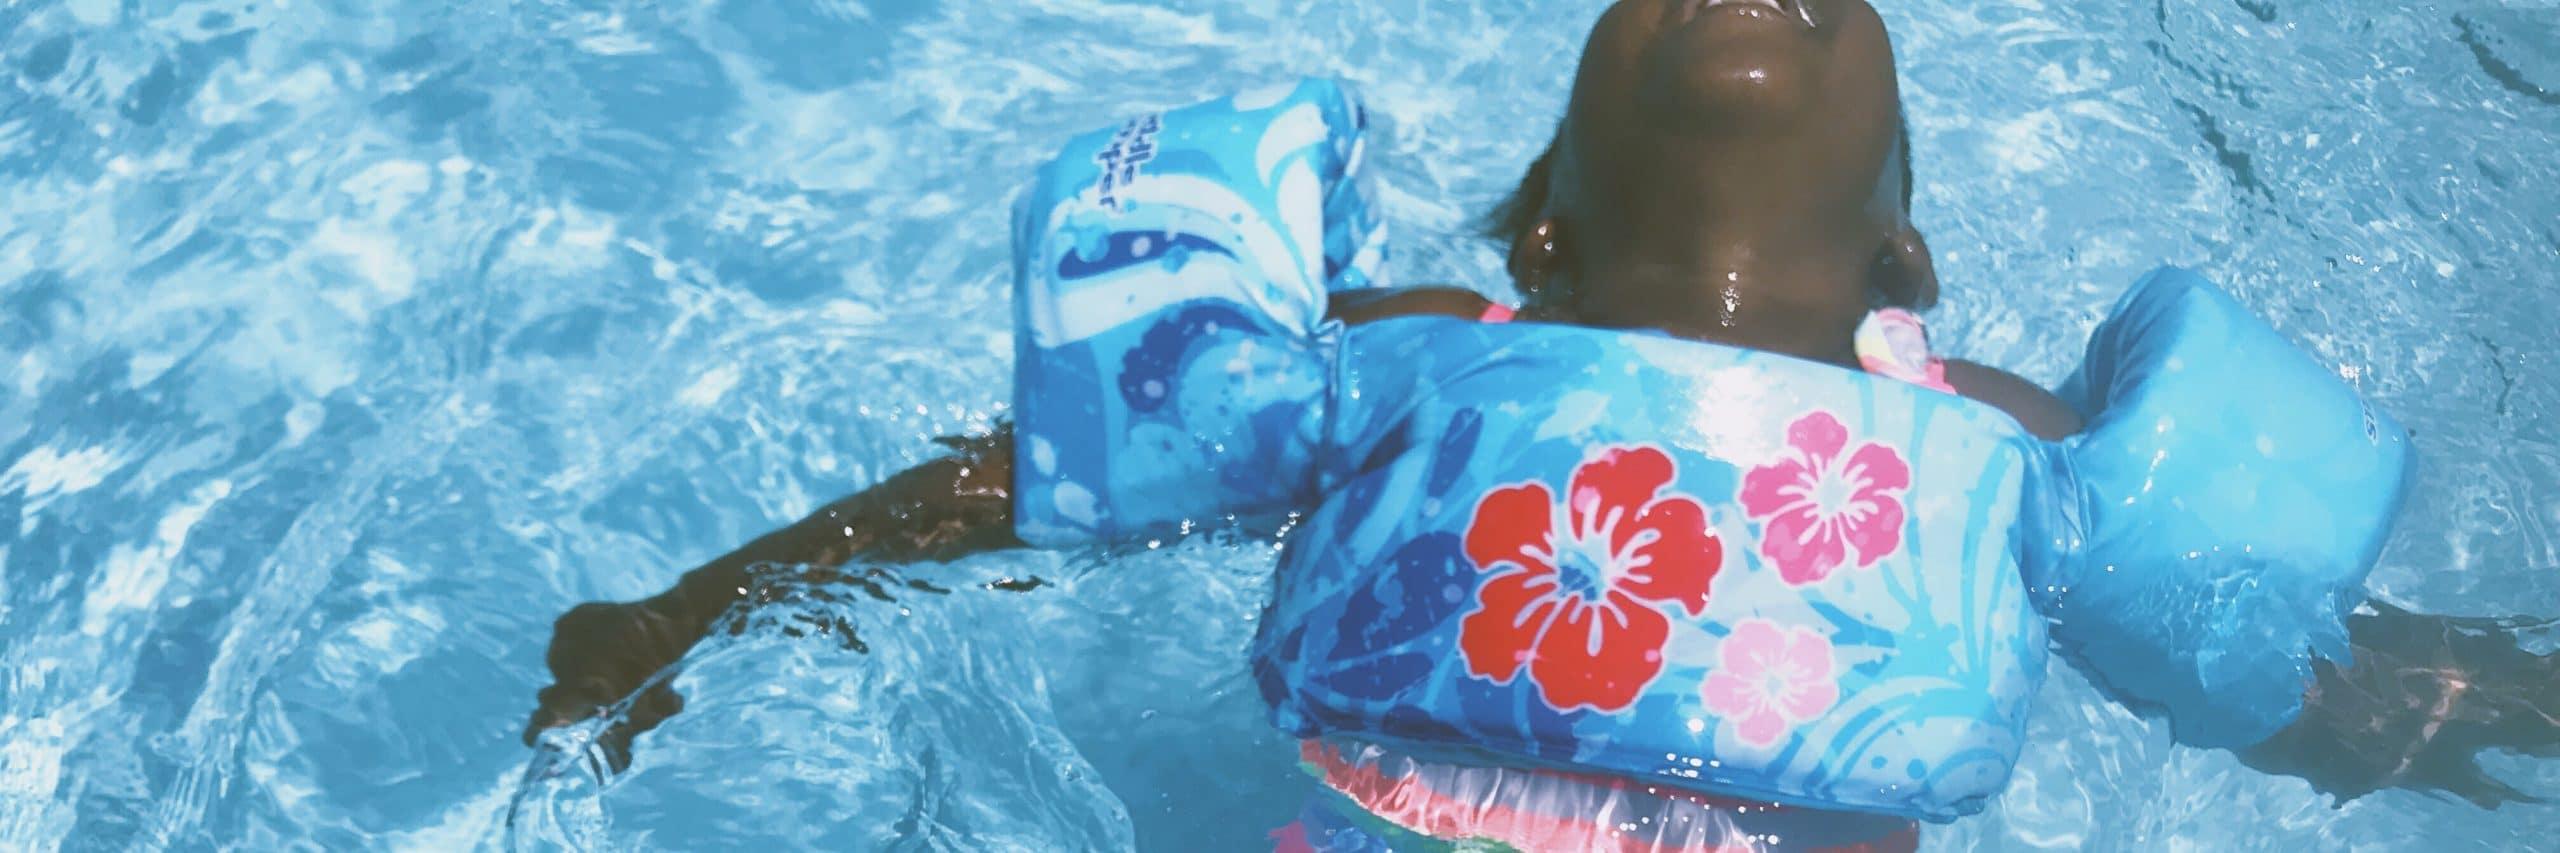 Luftmatratze zwei Luftkammern verschiedene Farben Sommer Frei Luft Spaß Wasser